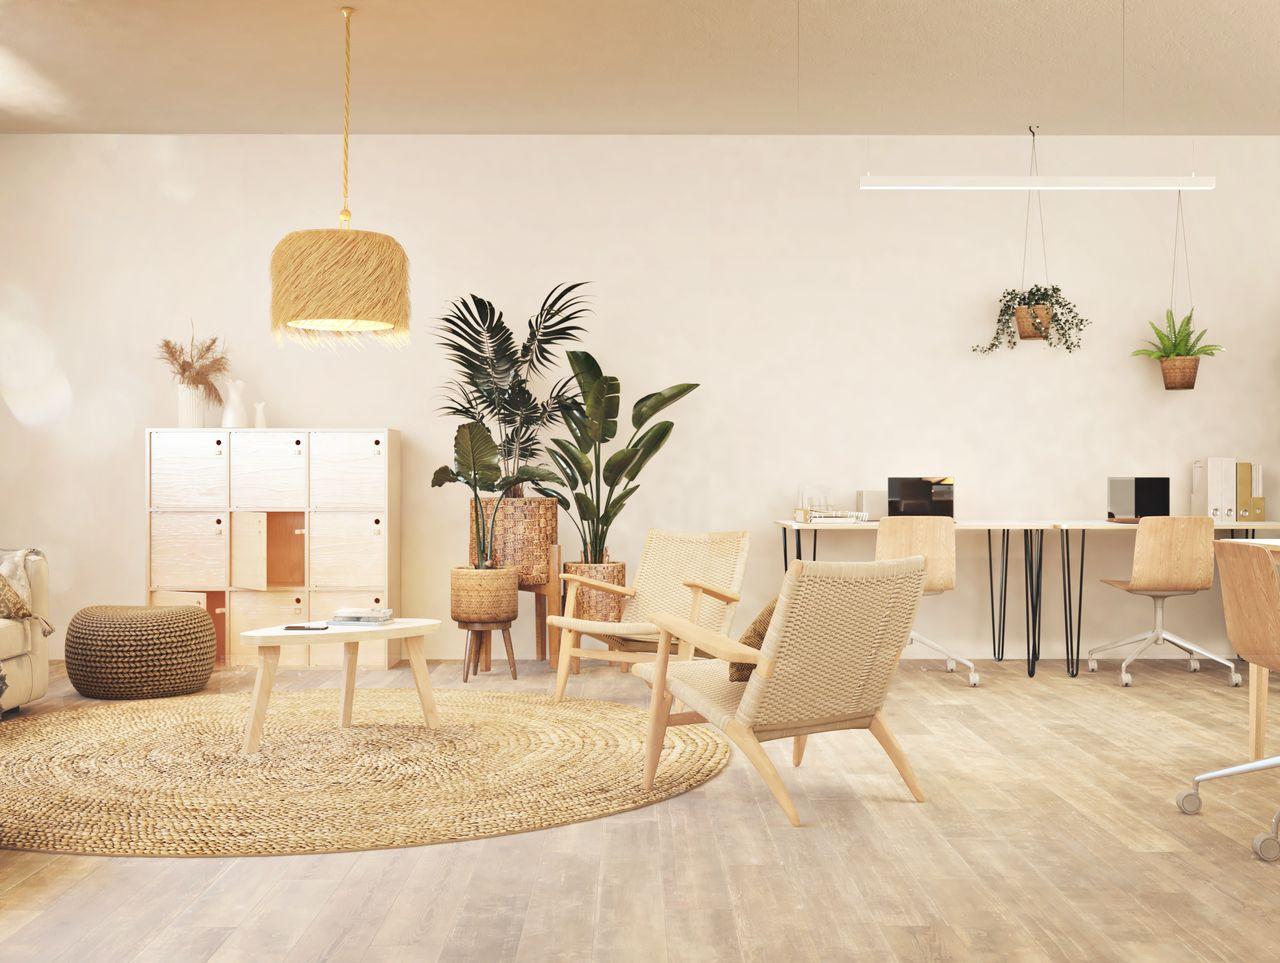 Bureau au style industriel dans le coin d'un petit espace de travail au style bohème et ethnique avec des plantes, du mobilier en bois de bouleau et de l'osier